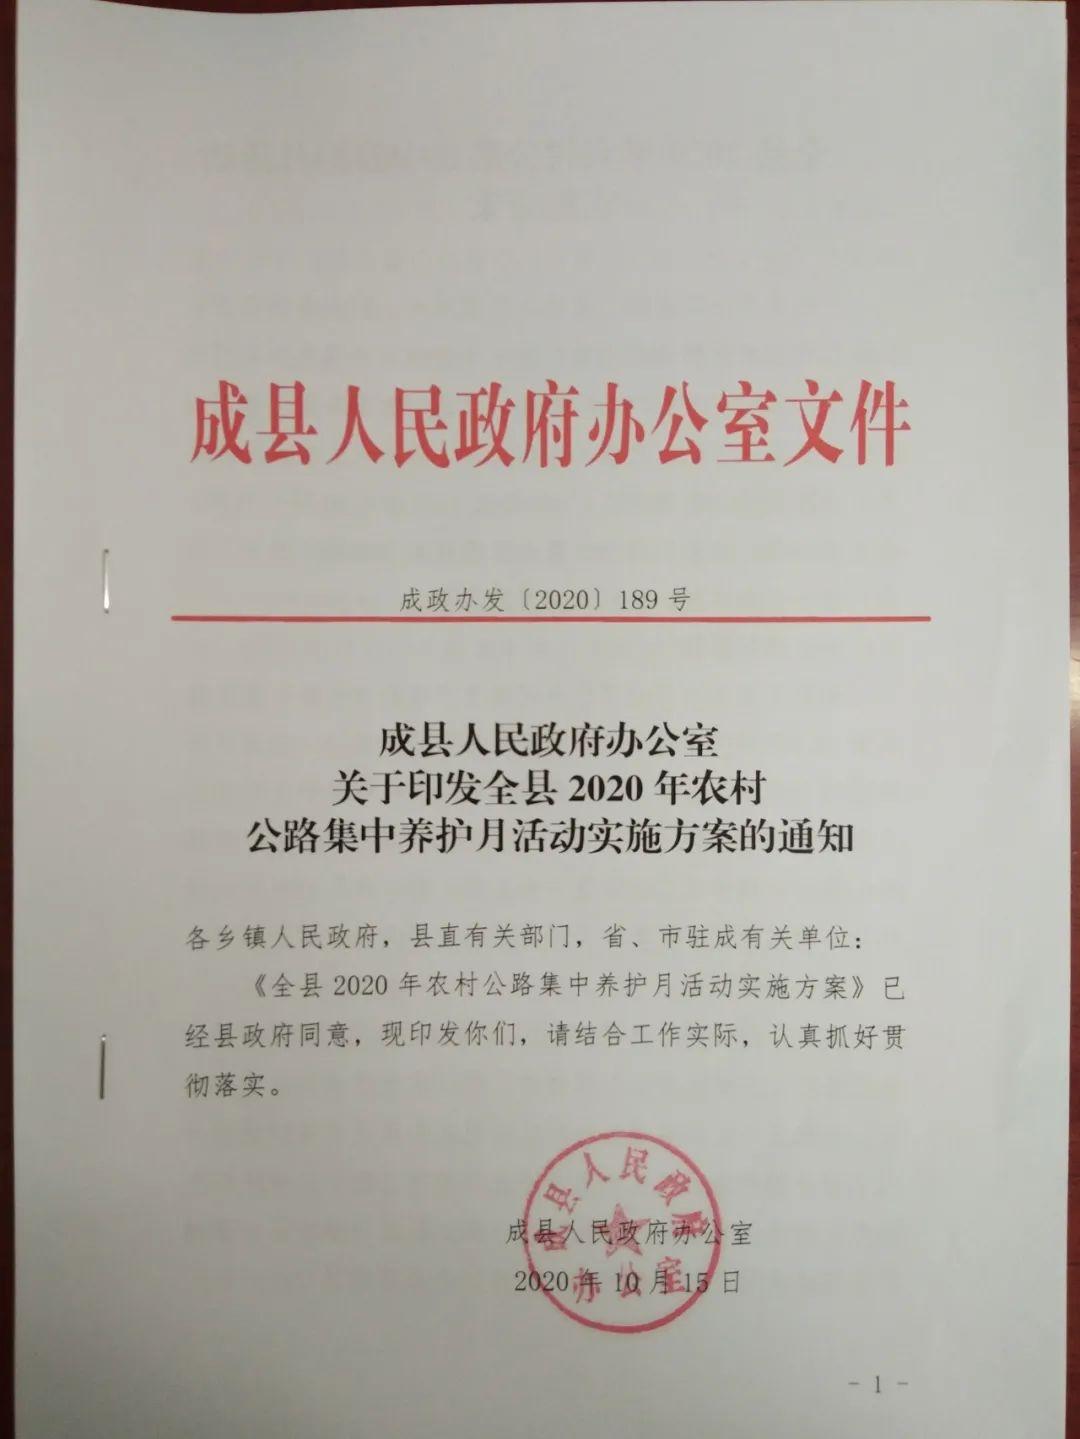 【行业动态】成县扎实开展农村公路冬季养护管理及安全保畅活动